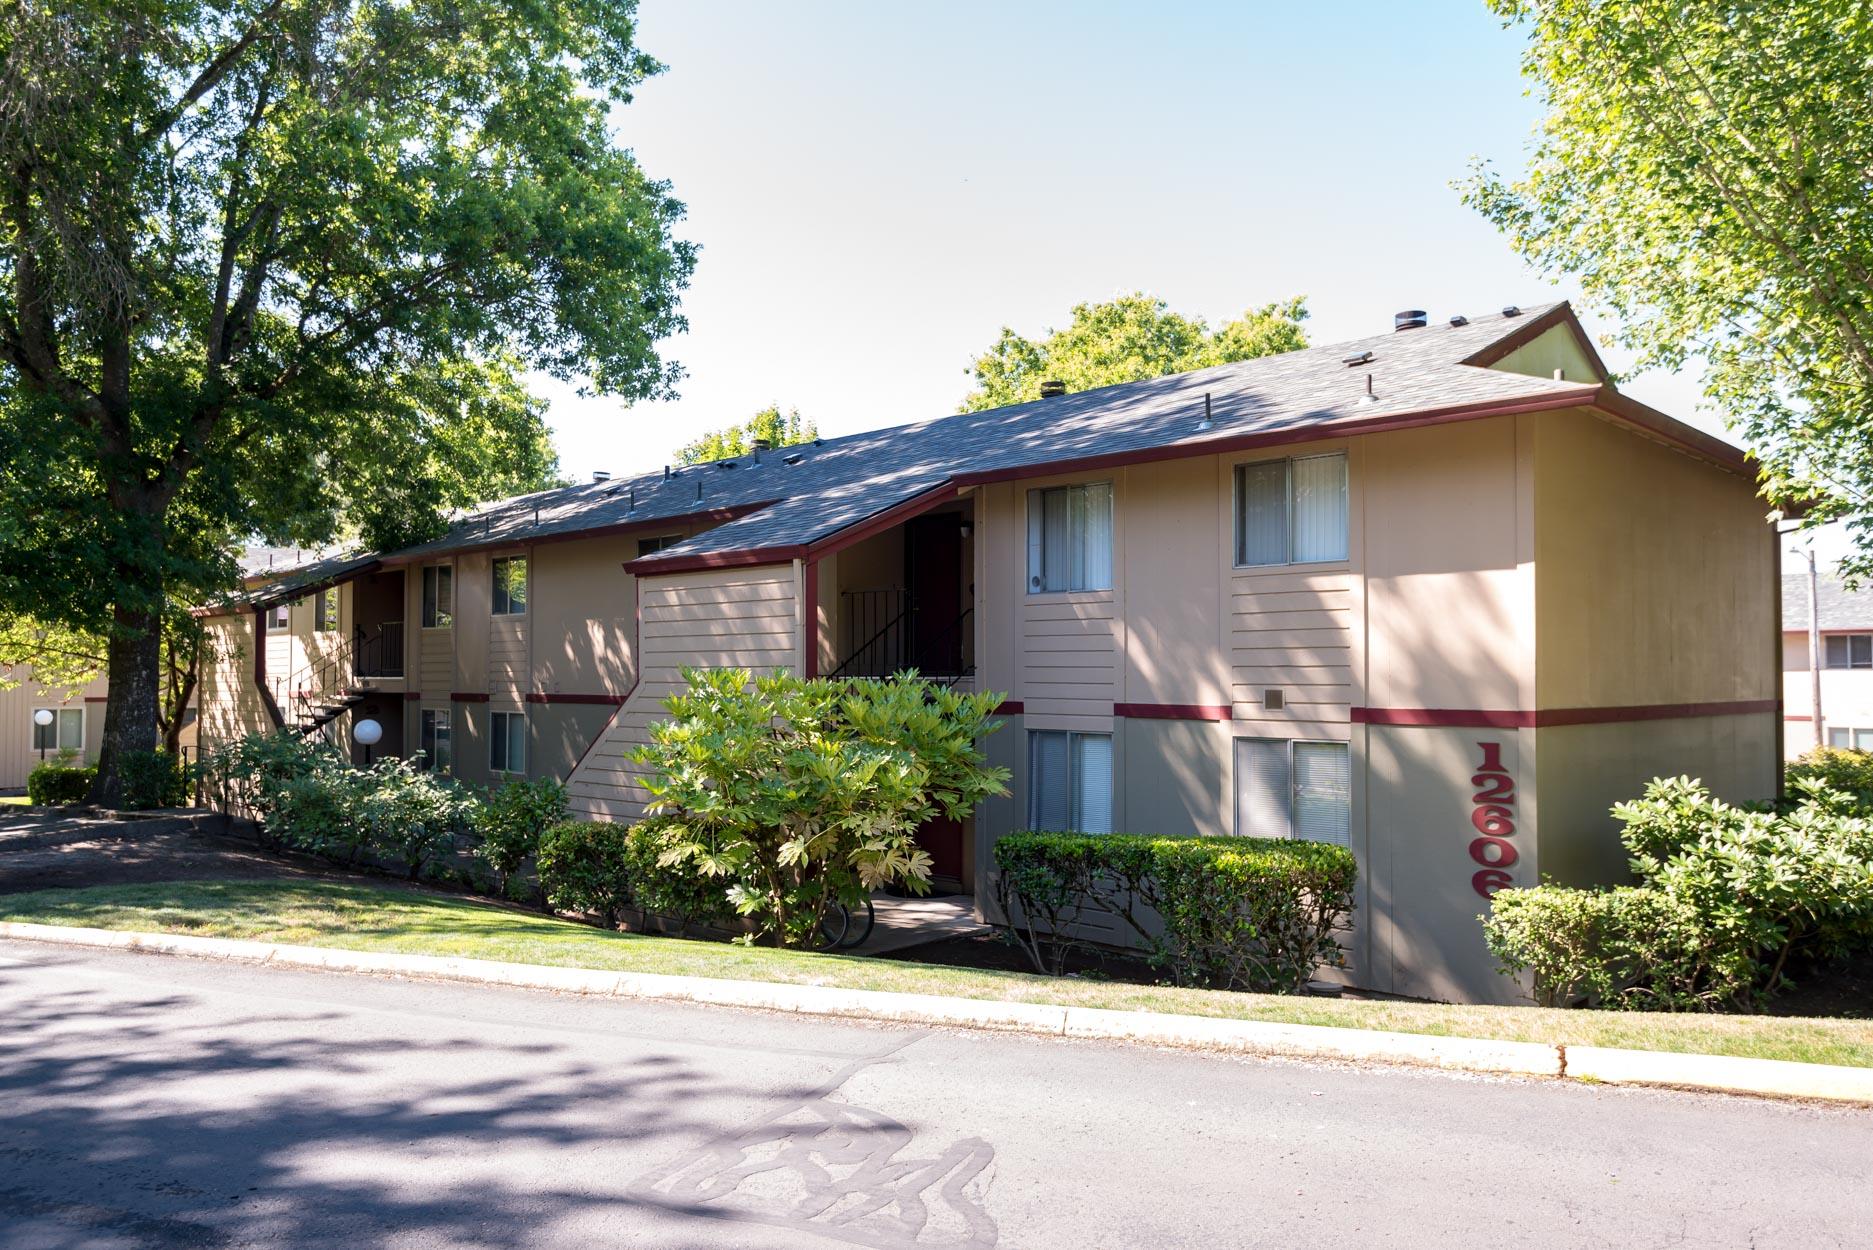 12606 NW Barnes Rd. # 1 Portland